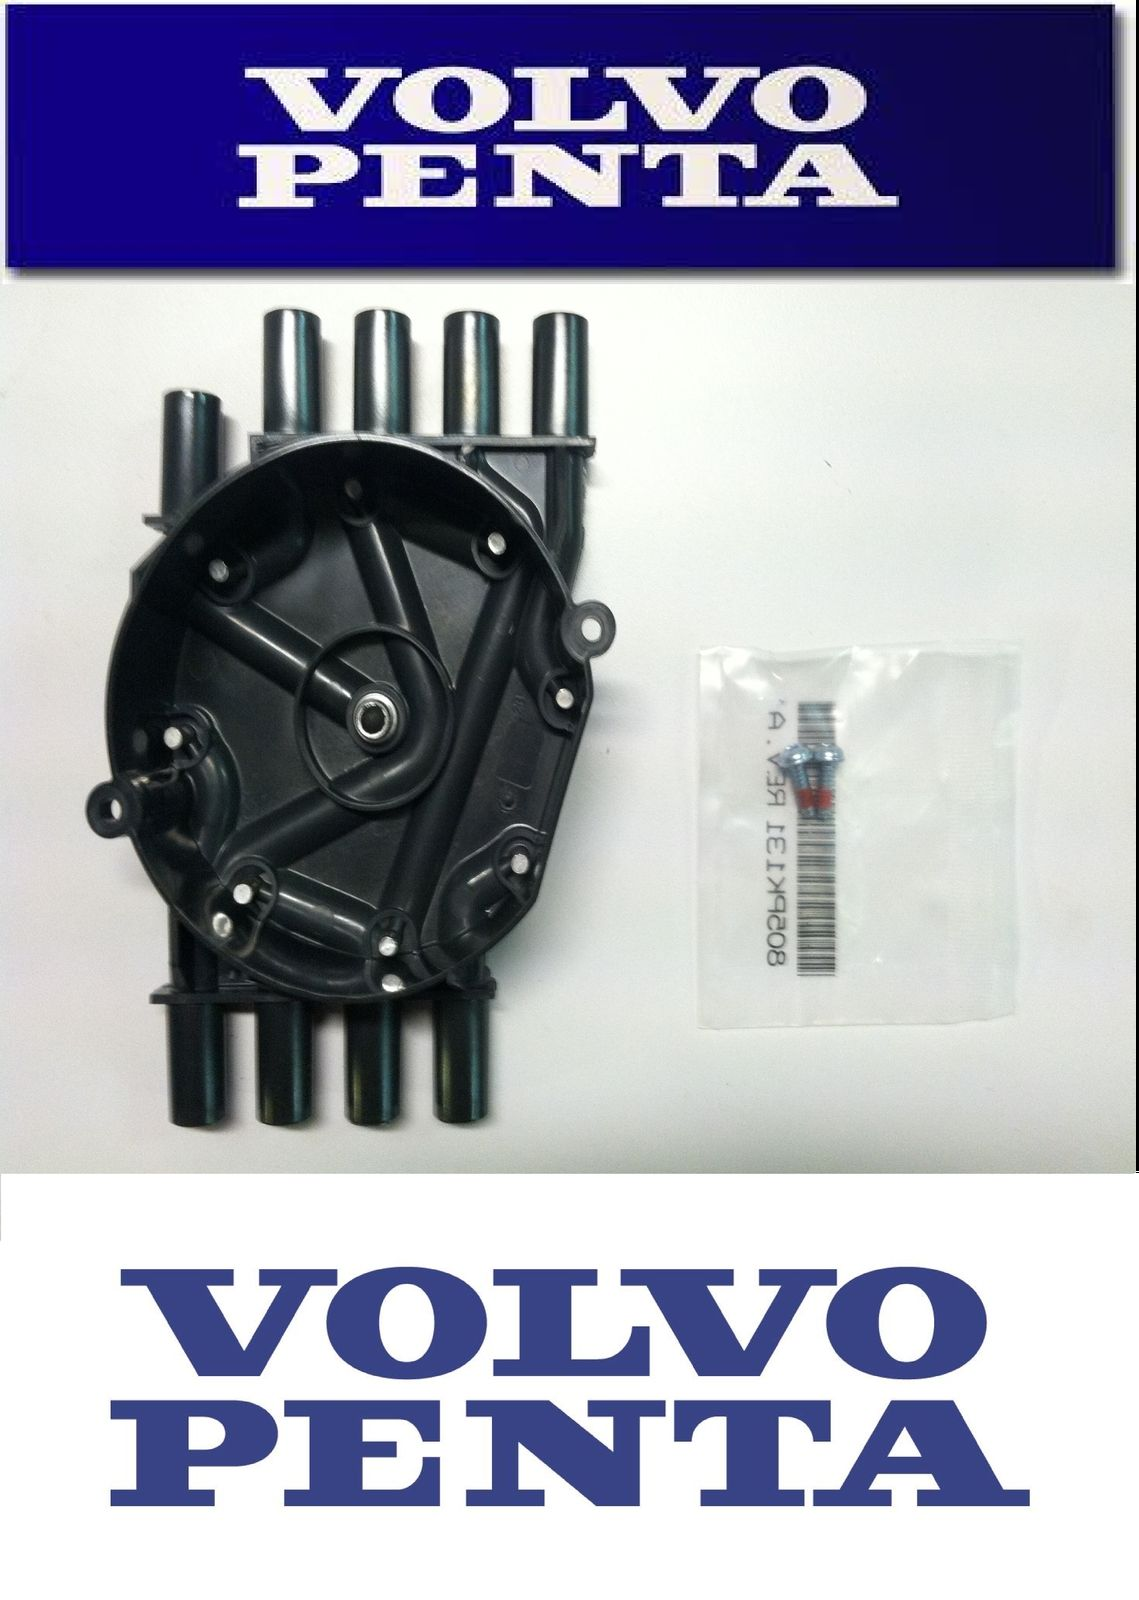 D2-60 D2-75 Serie D2-55 Originale Volvo Penta Servizio Kit 21189426 D2-50